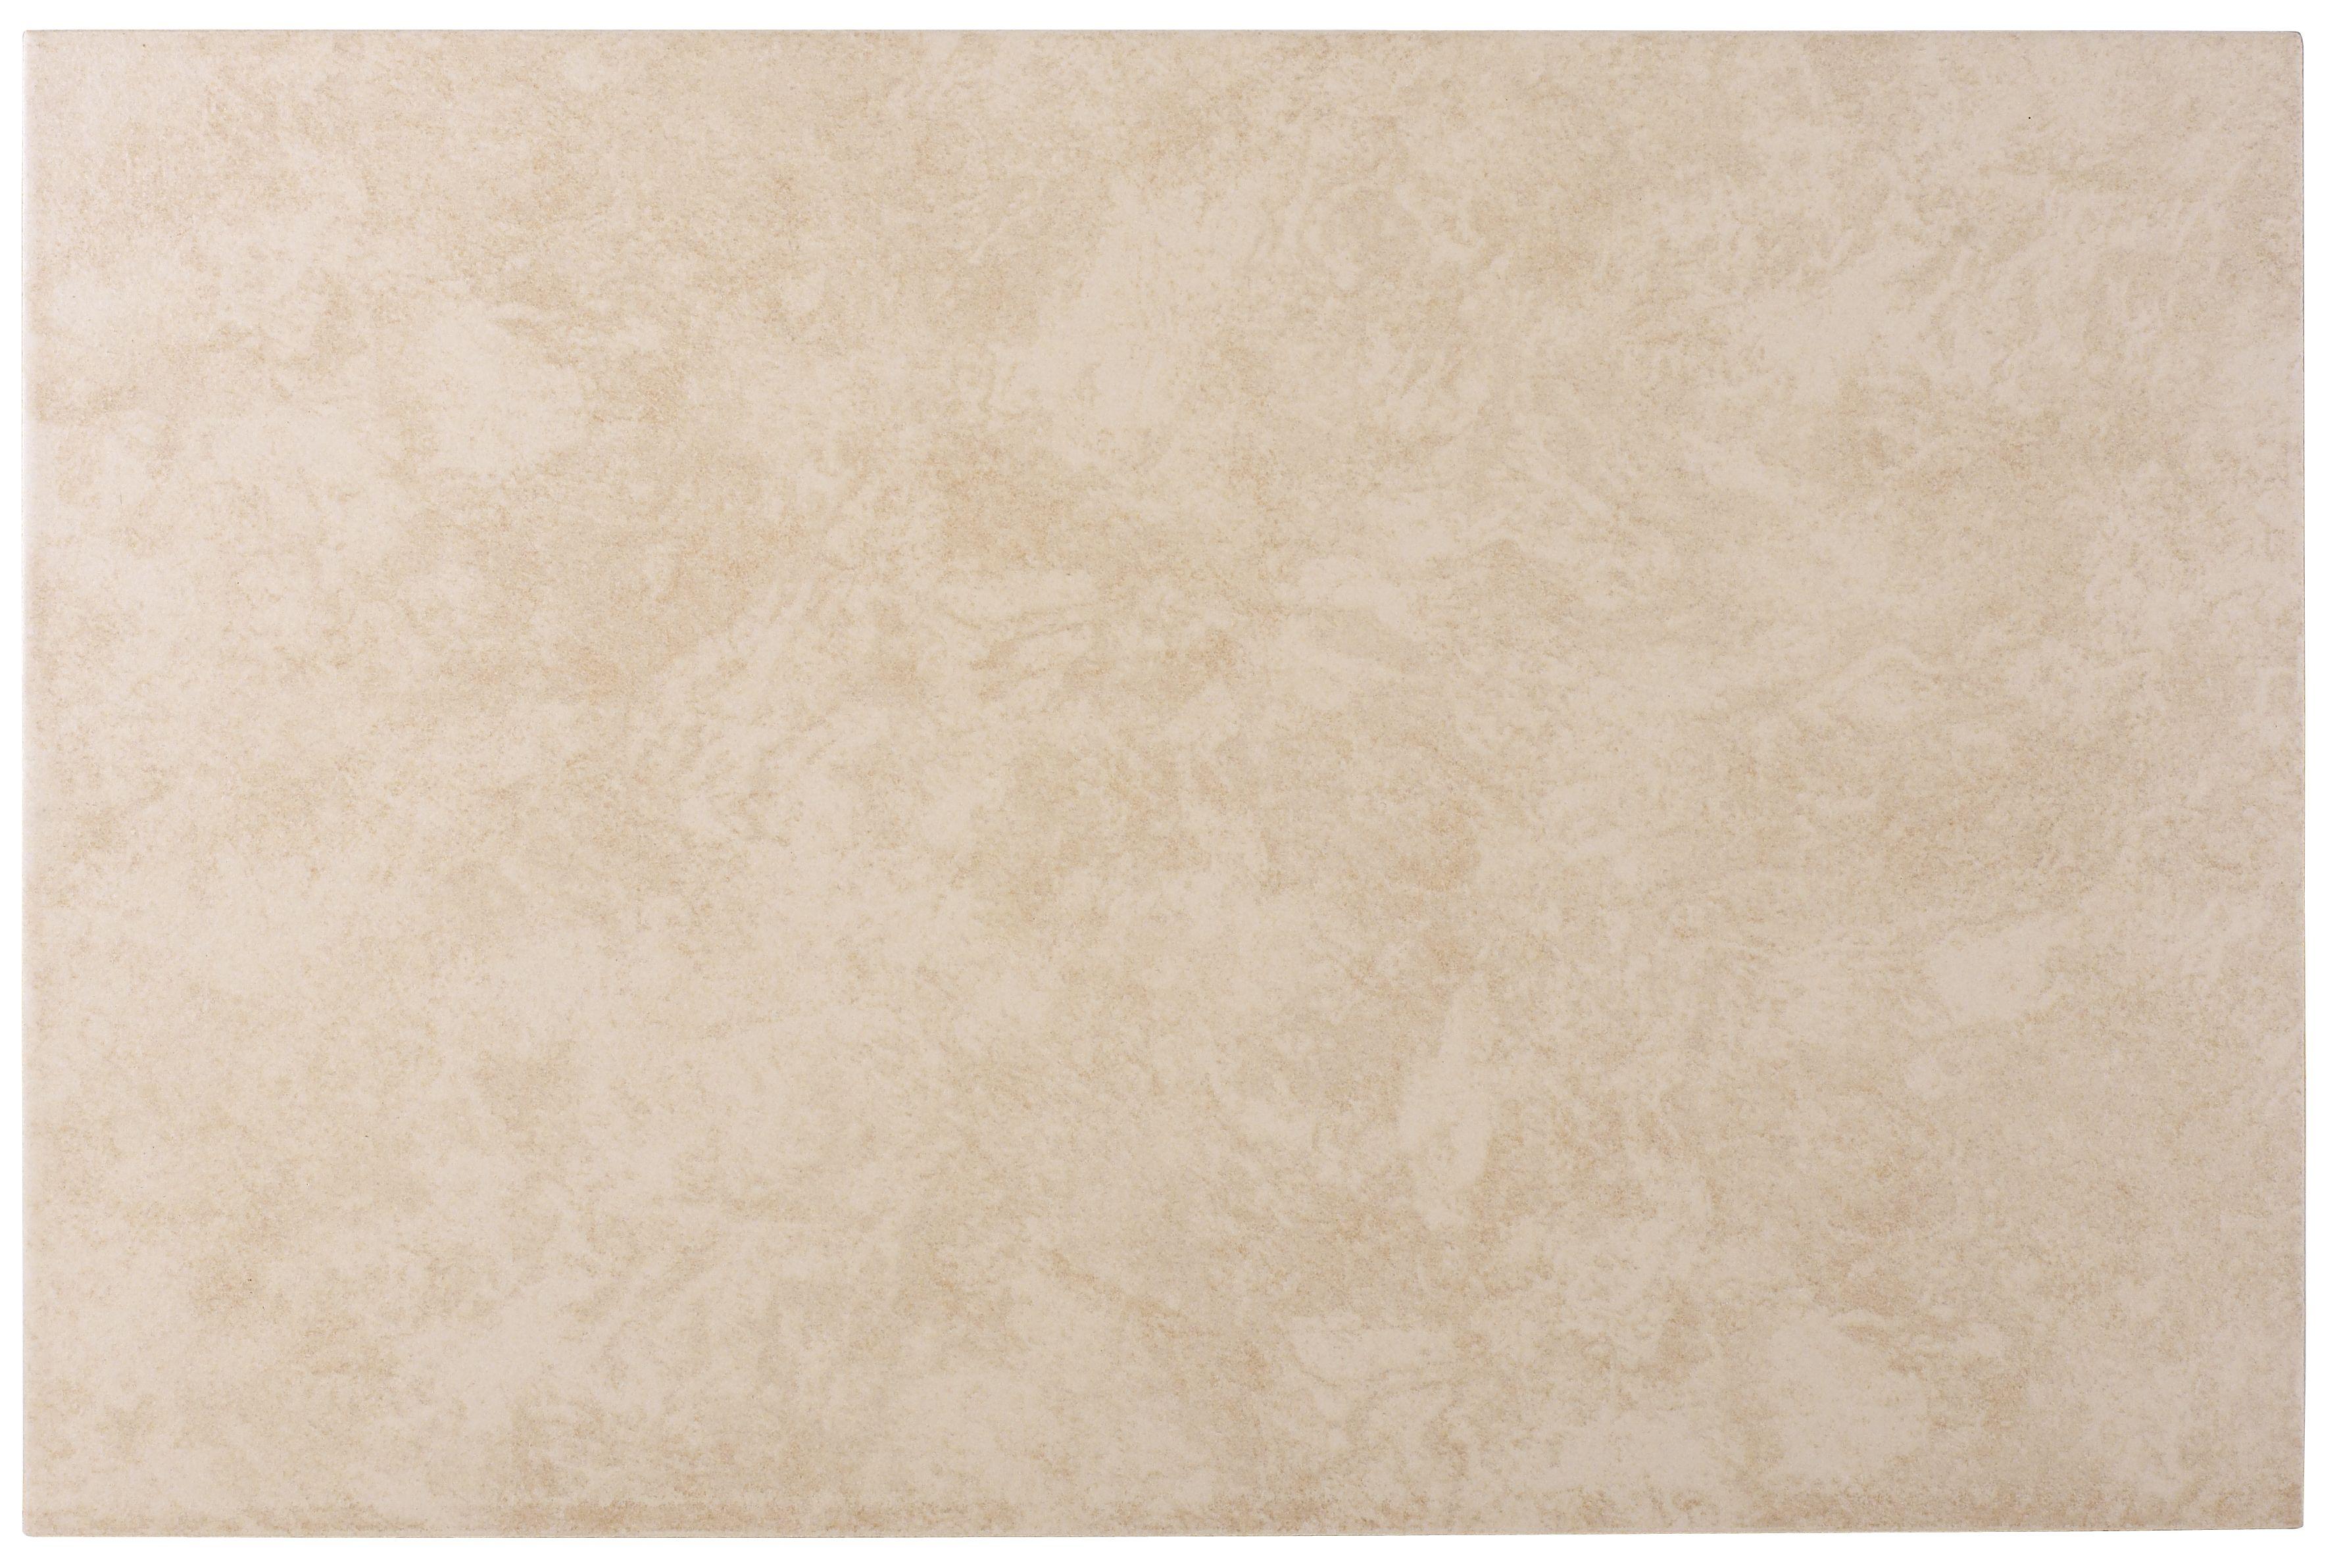 Bq Kitchen Floor Tiles Sandstorm Beige Marble Effect Ceramic Wall Floor Tile Pack Of 6